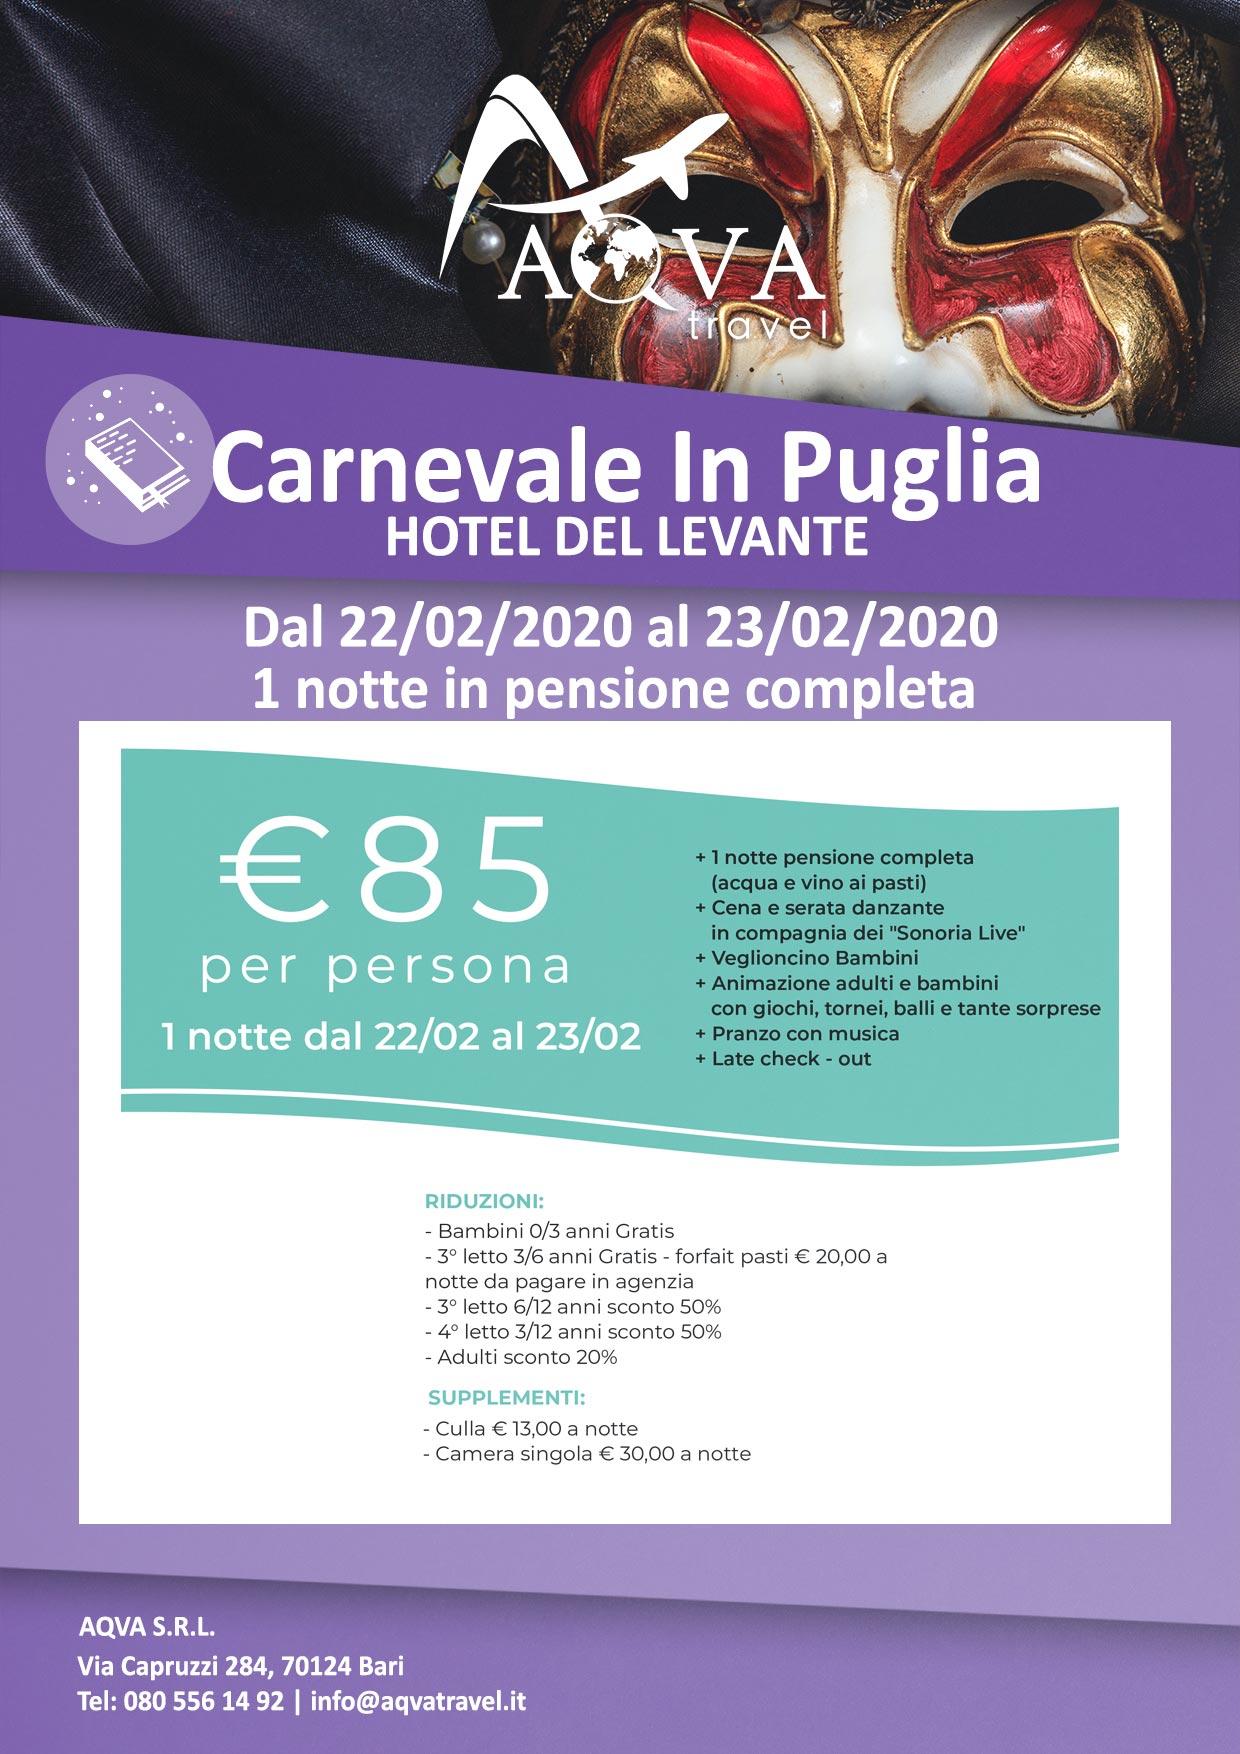 Carnevale-In-Puglia-HOTEL-DEL-LEVANTE-Cultura-offerte-agenzia-di-viaggi-Bari-AQVATRAVEL-it